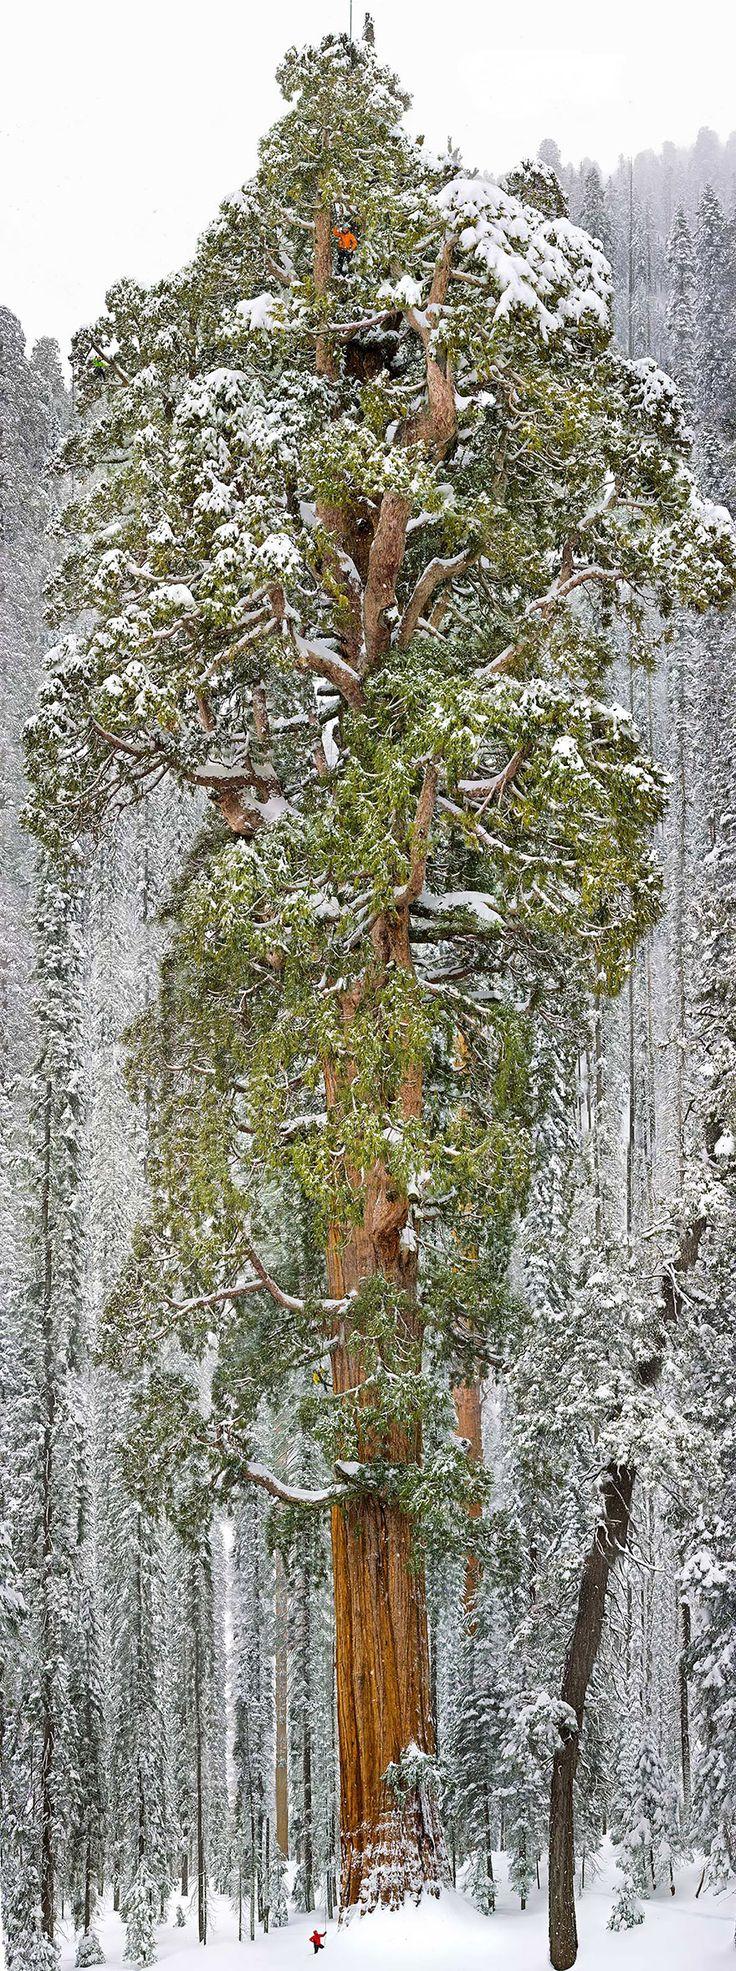 A Presidente, a terceira maior Sequoia gigante do mundo, Califórnia Presidente, localizada no Sequoia National Park, na Califórnia, tem 73 metros de altura e tem uma circunferência terrena de 28 metros. É a terceira maior sequóia gigante do mundo (segunda, se você contar os seus ramos, além de seu tronco).